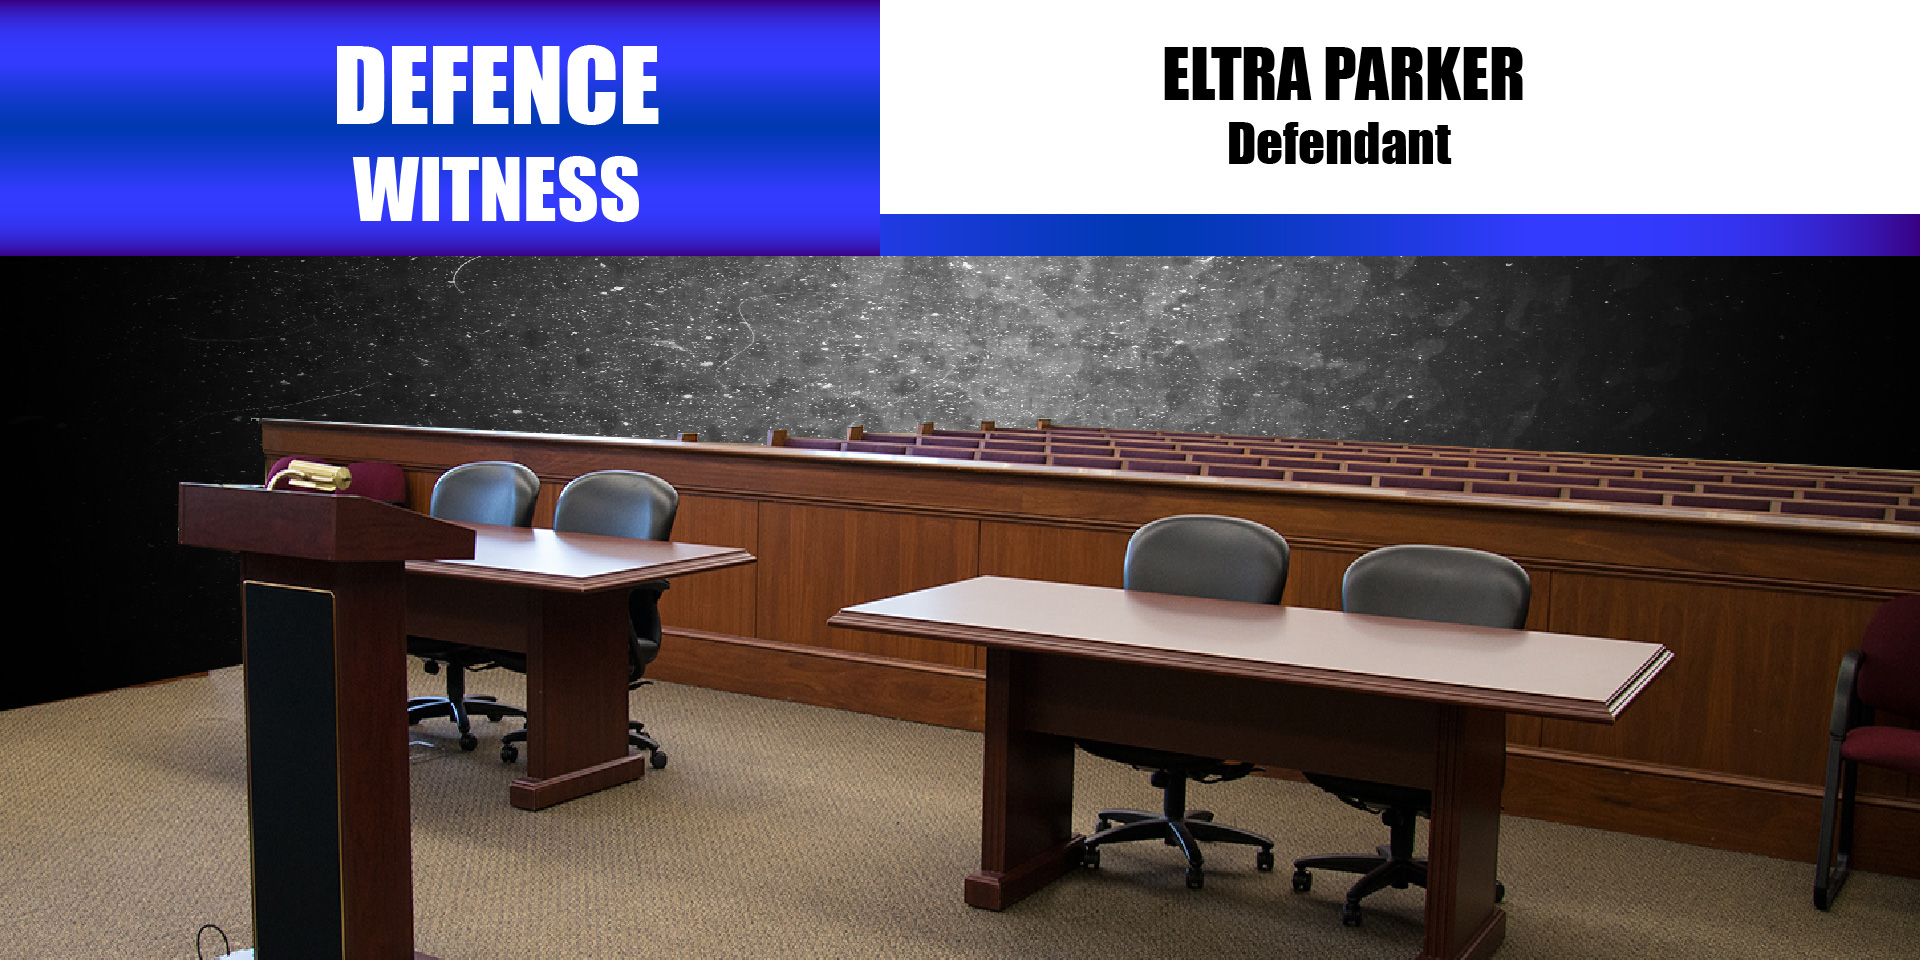 Defence Witness – Eltra Parker